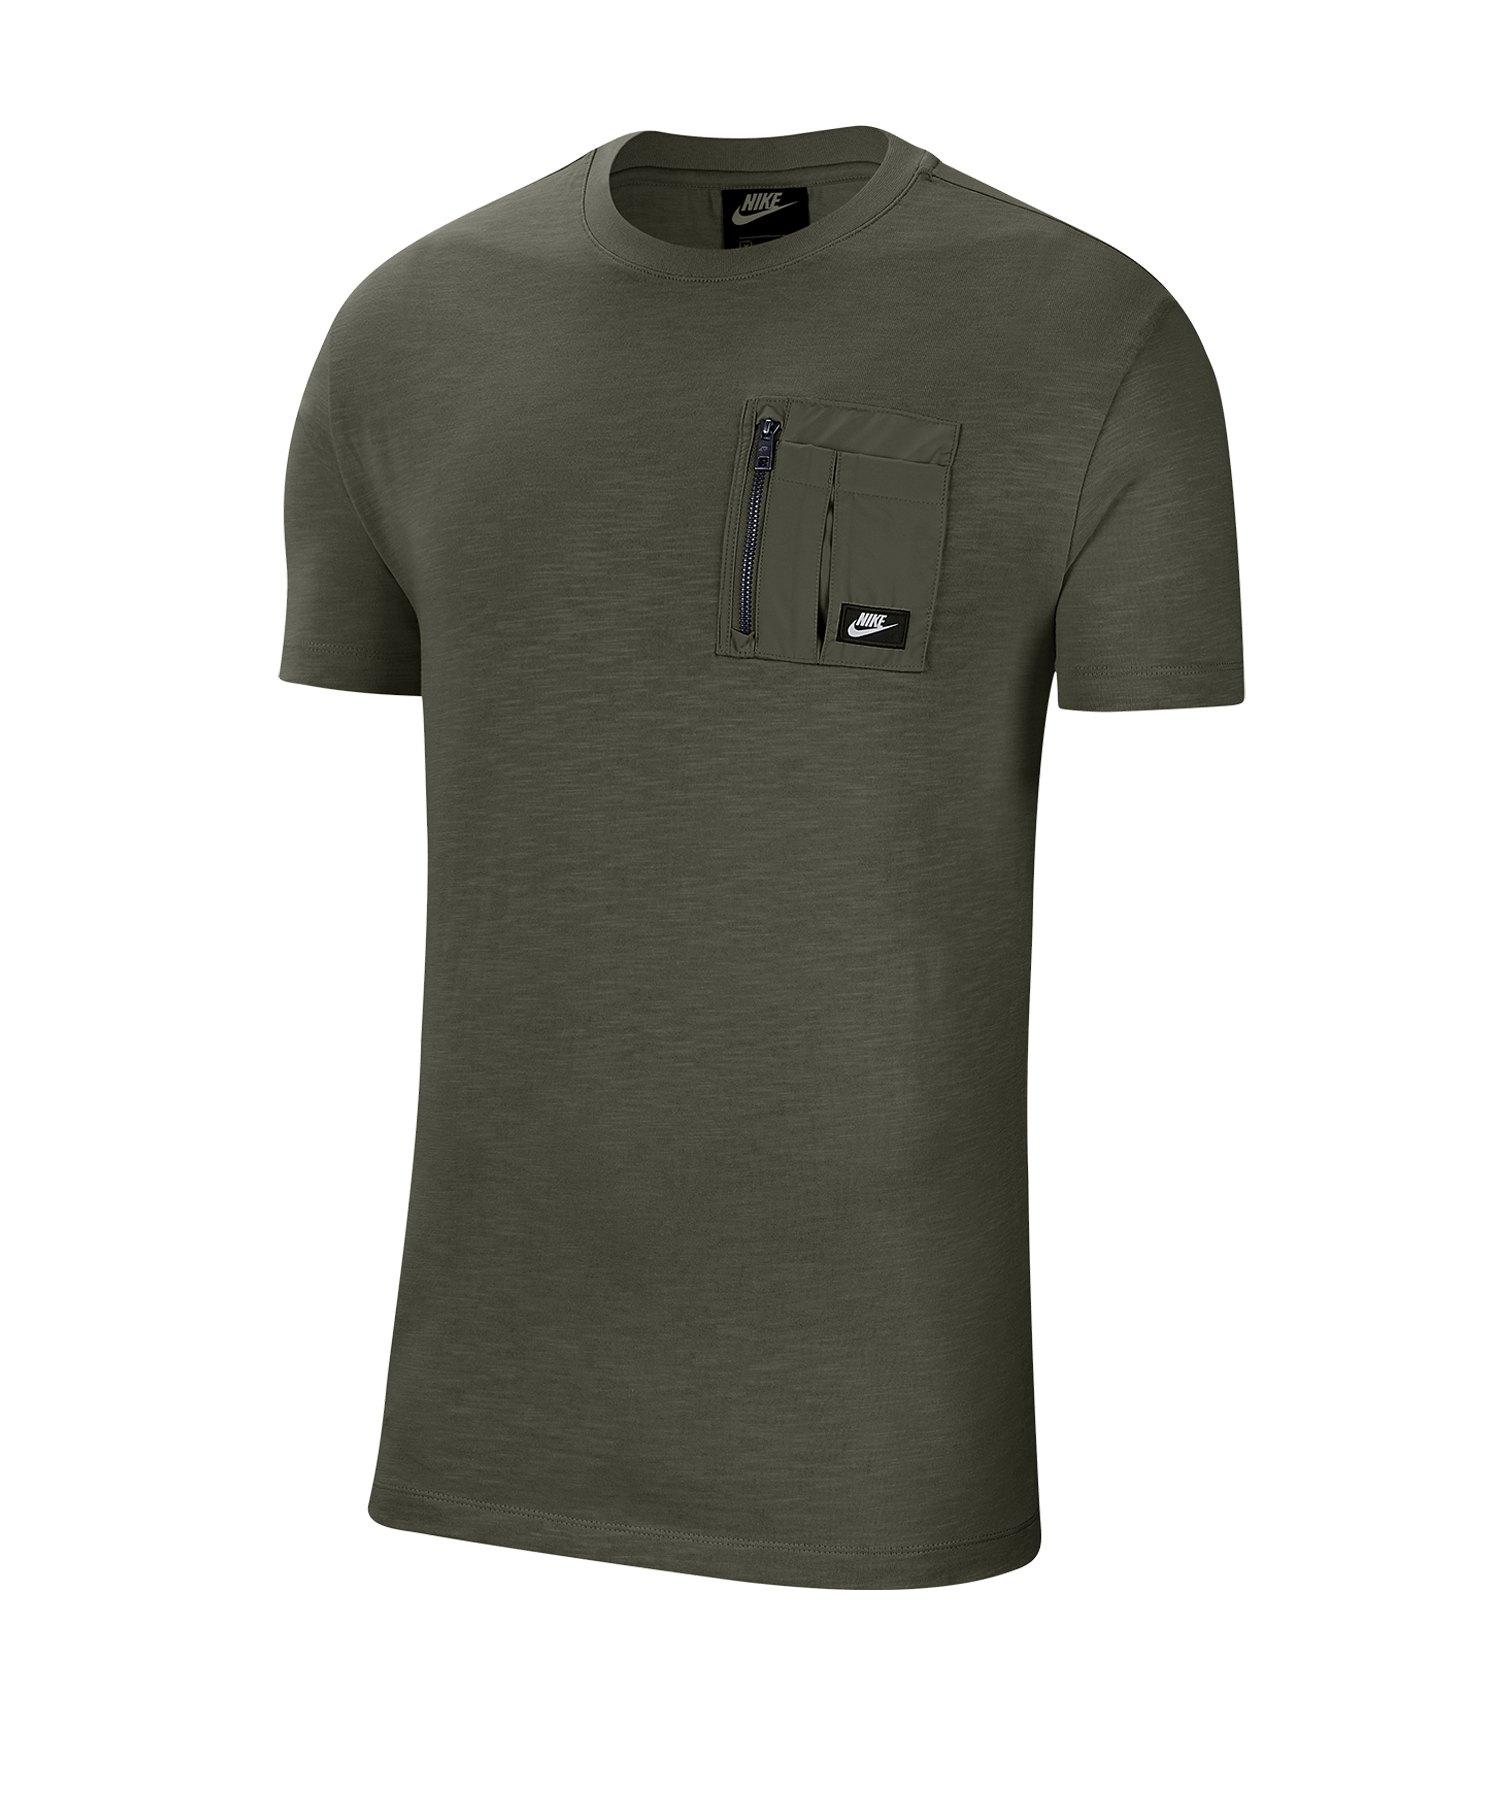 Nike Mix Tee T-Shirt Grün F325 - gruen